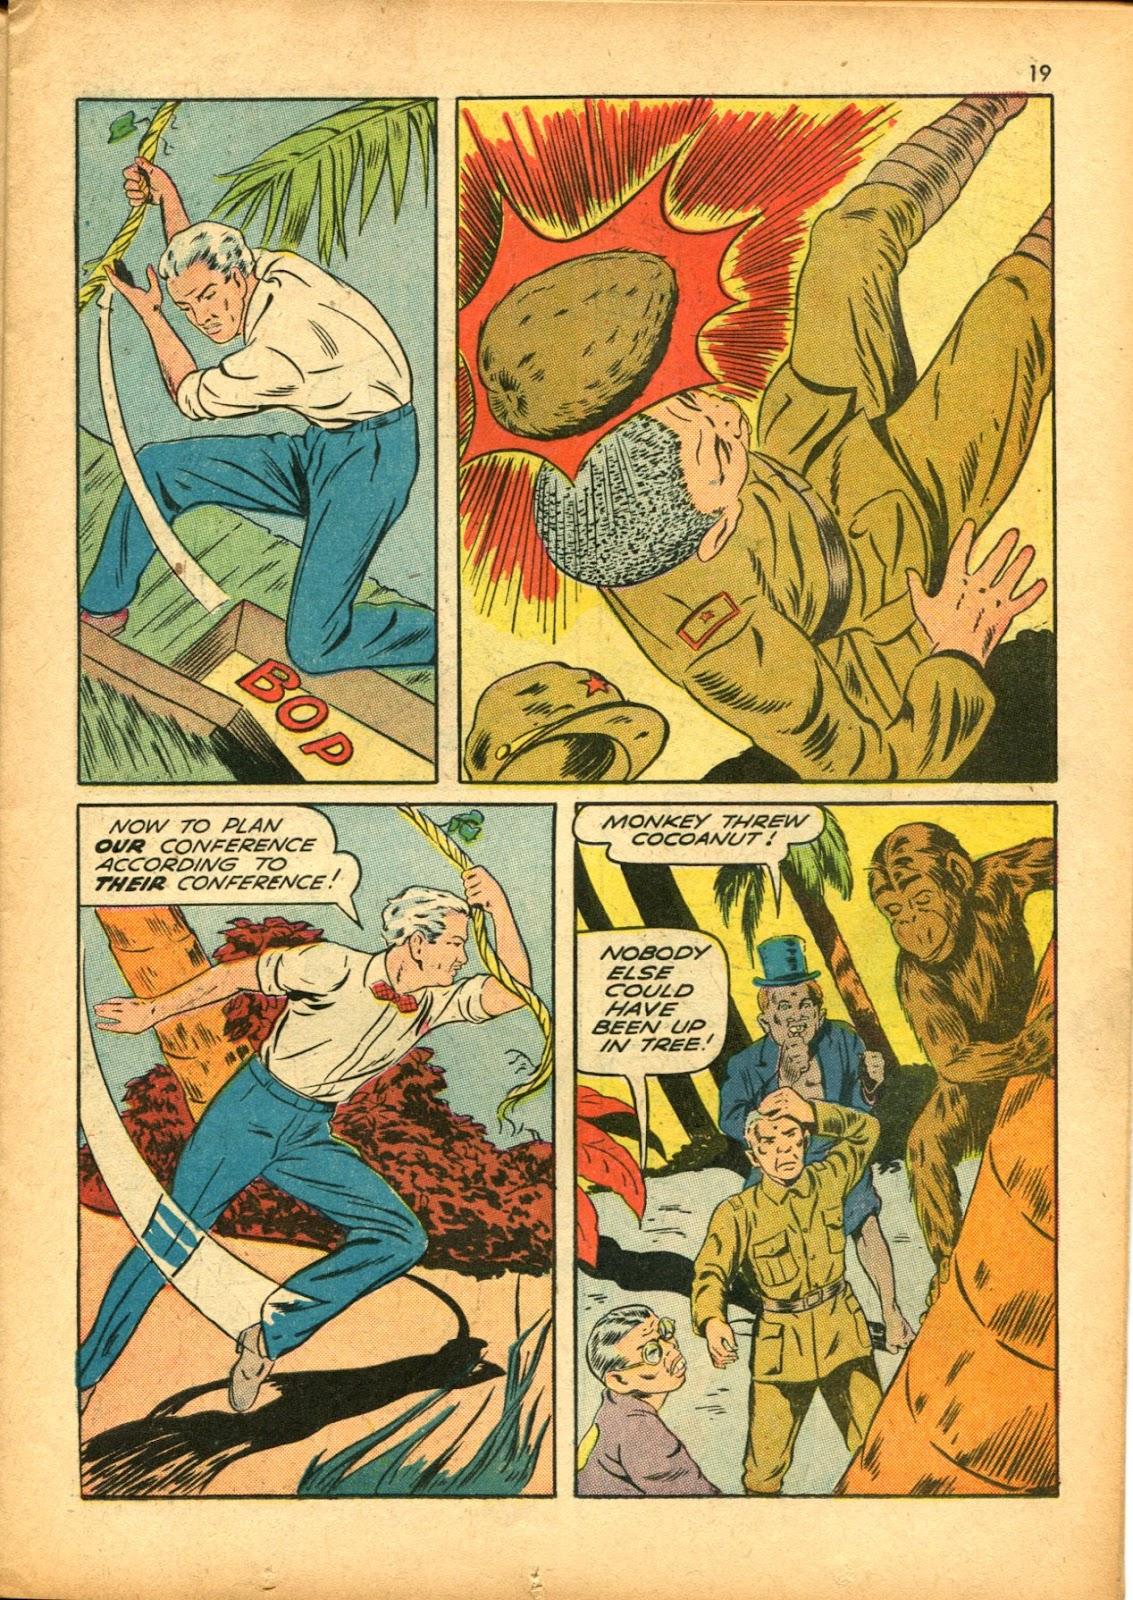 Read online Super-Magician Comics comic -  Issue #15 - 19